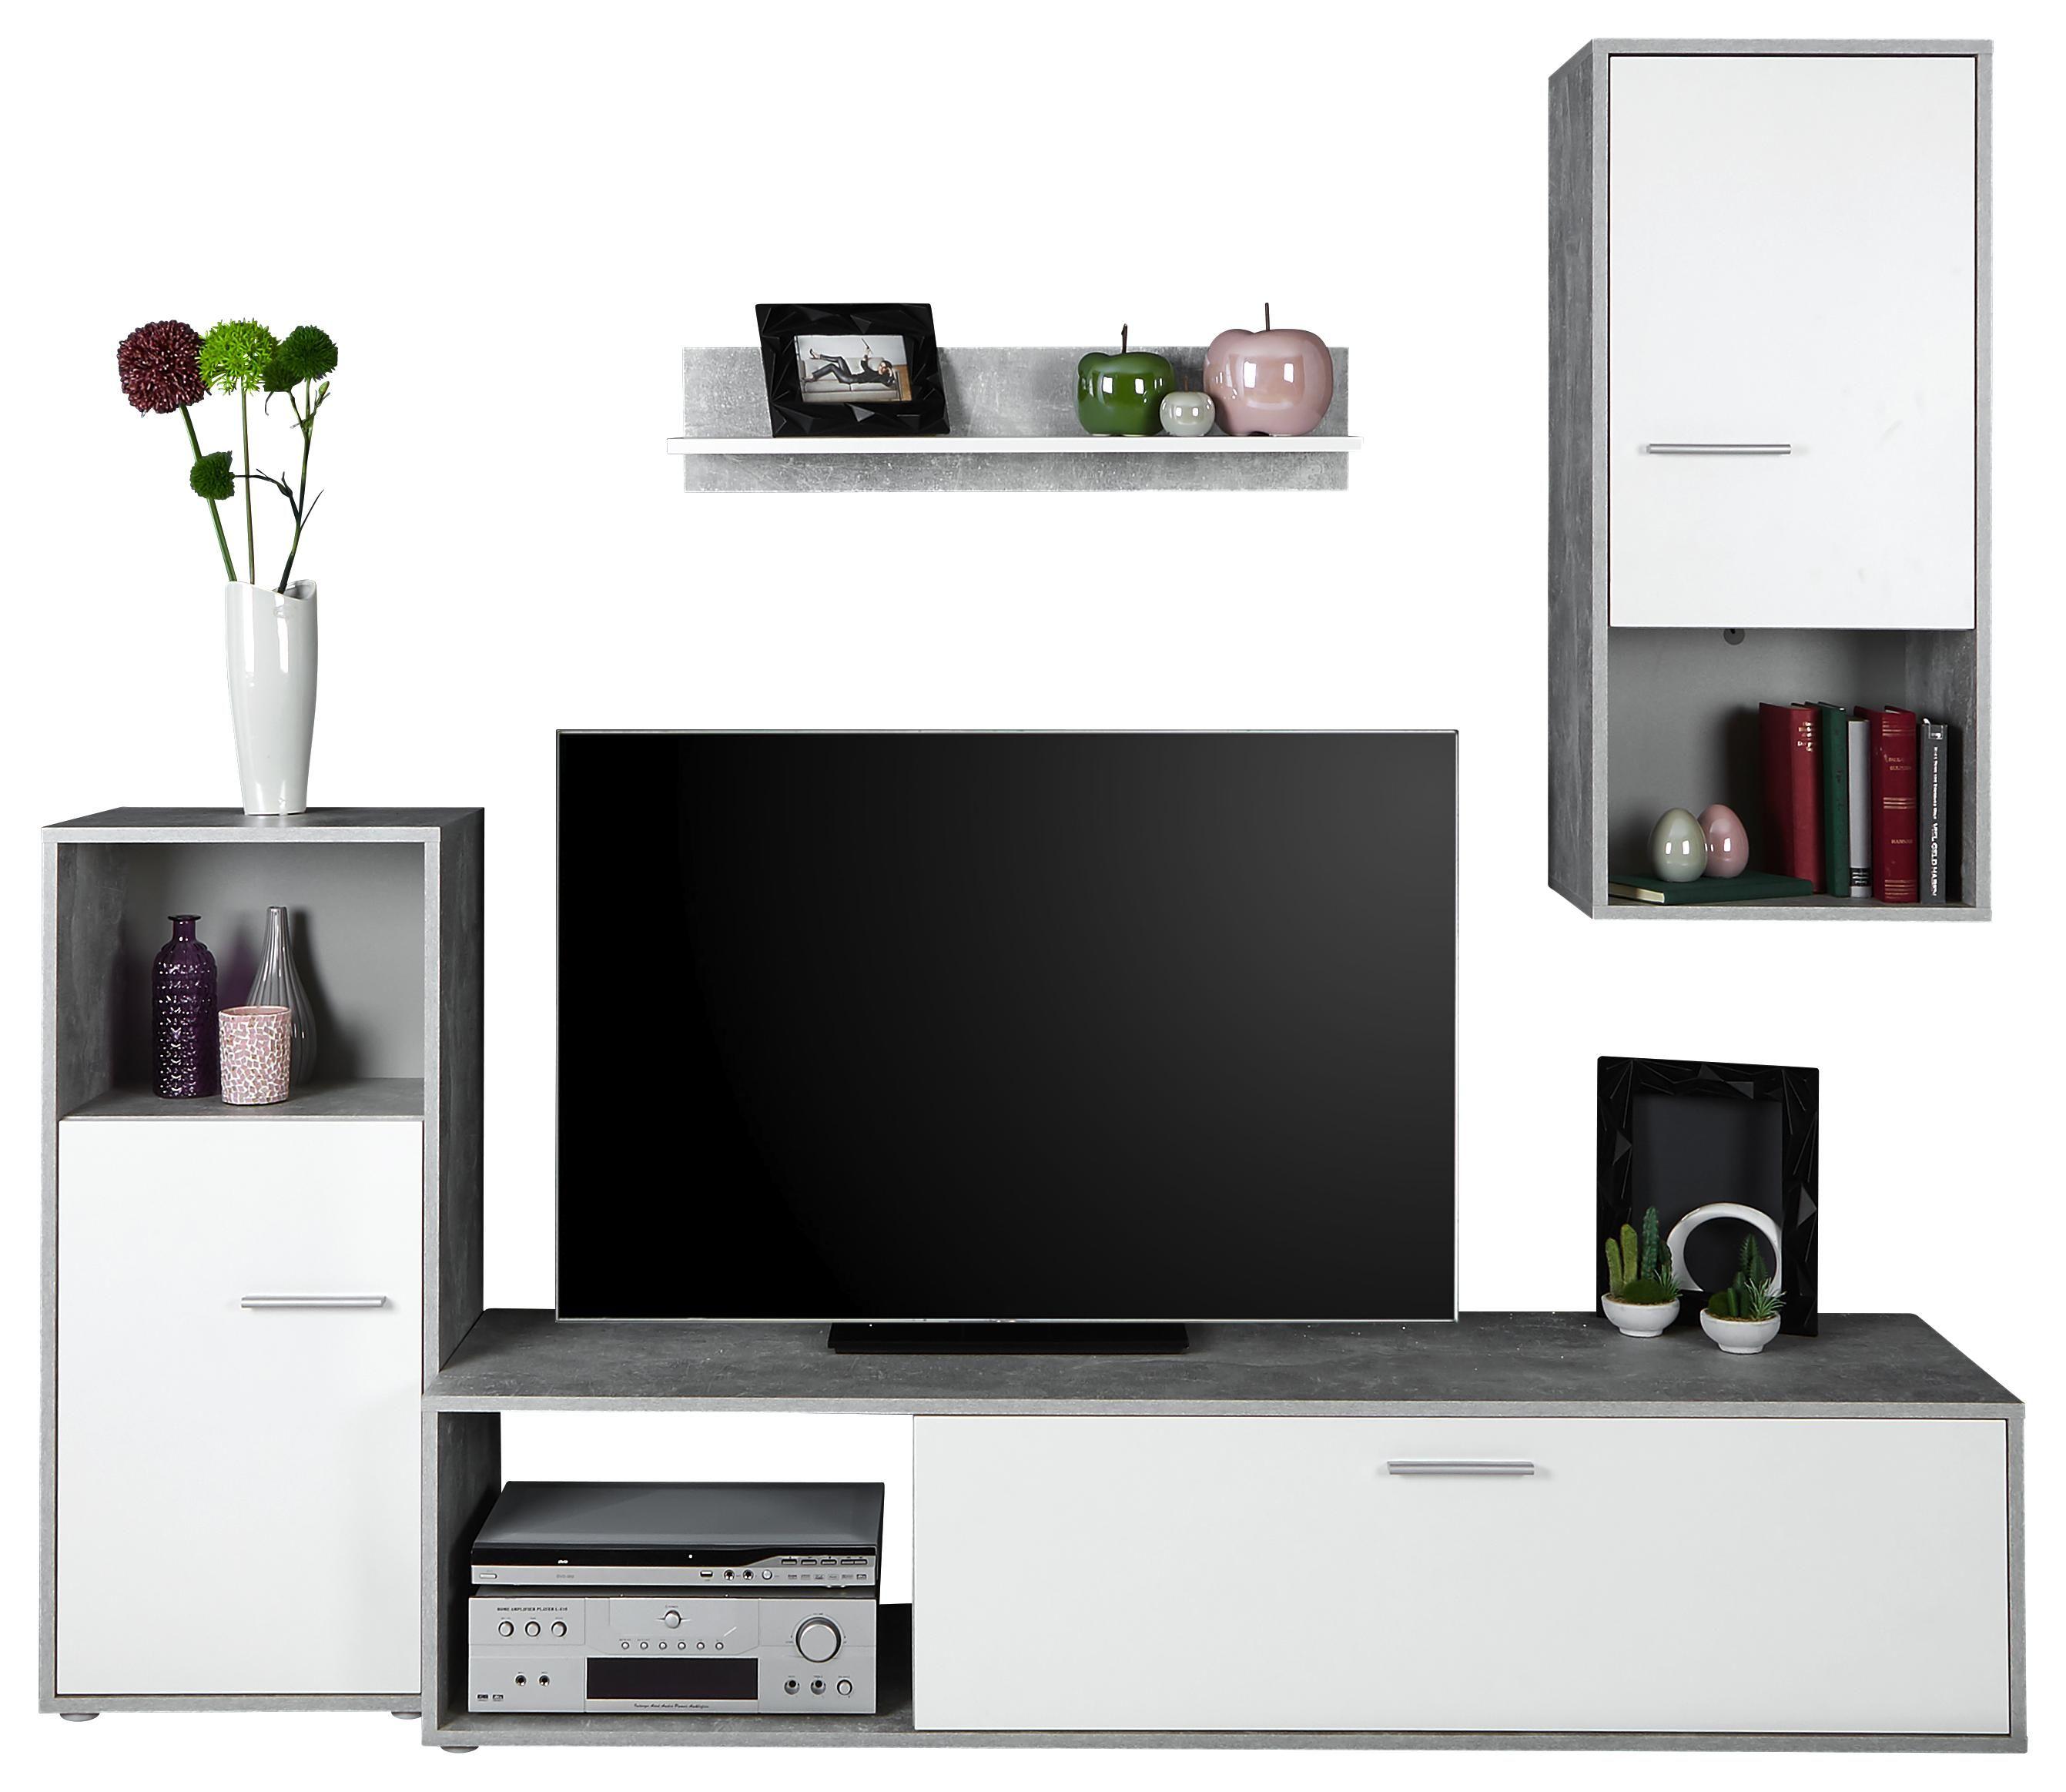 Obývací Stěna Aran *cenový Trhák* - bílá/světle šedá, Moderní, kompozitní dřevo (221/183,5/40cm)